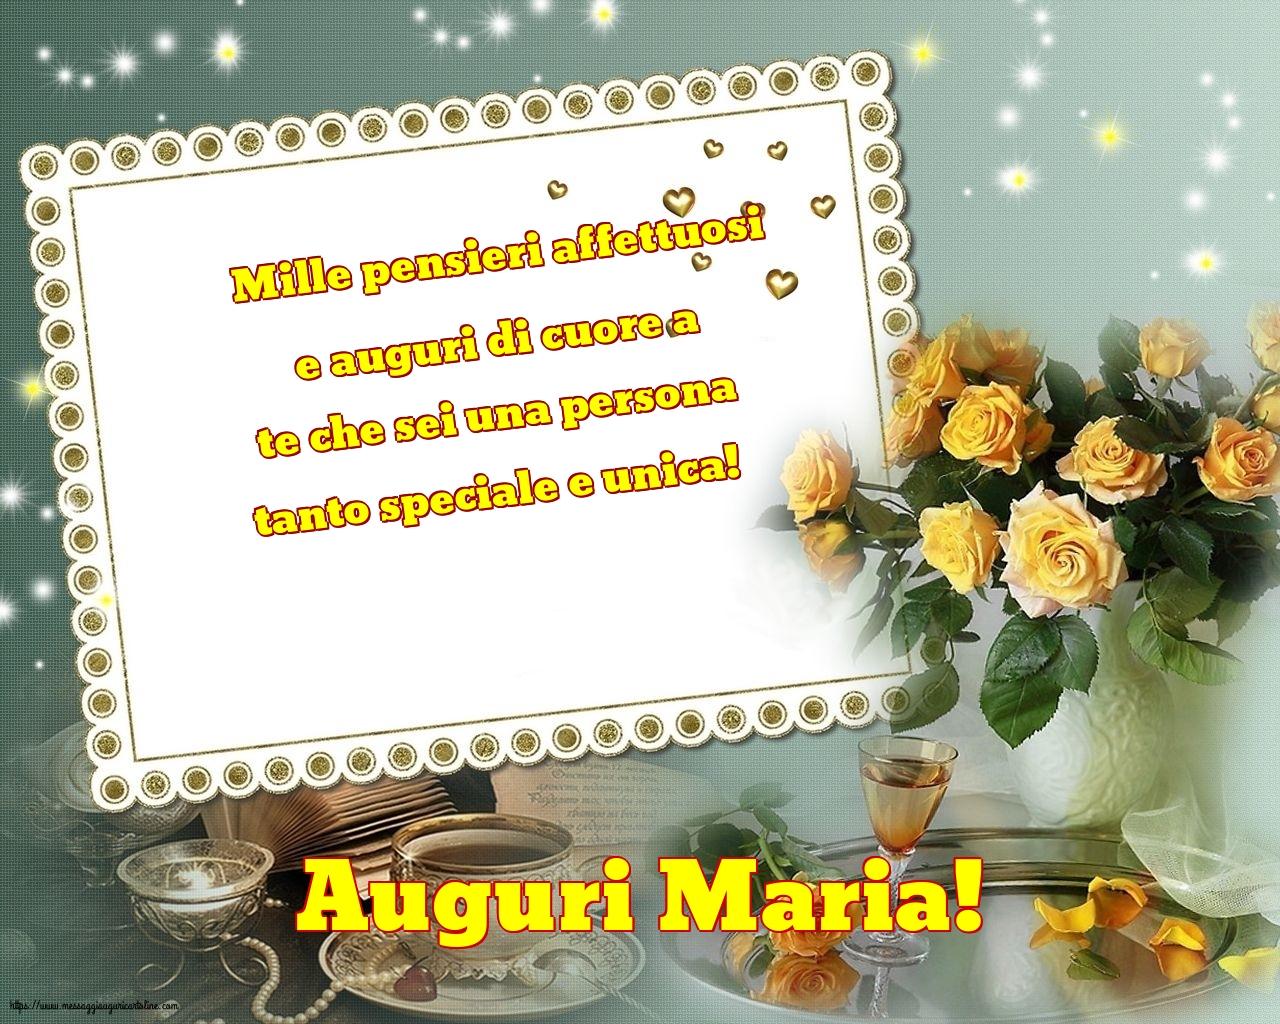 Cartoline per la Natività della Beata Vergine Maria con messaggi - Auguri Maria!